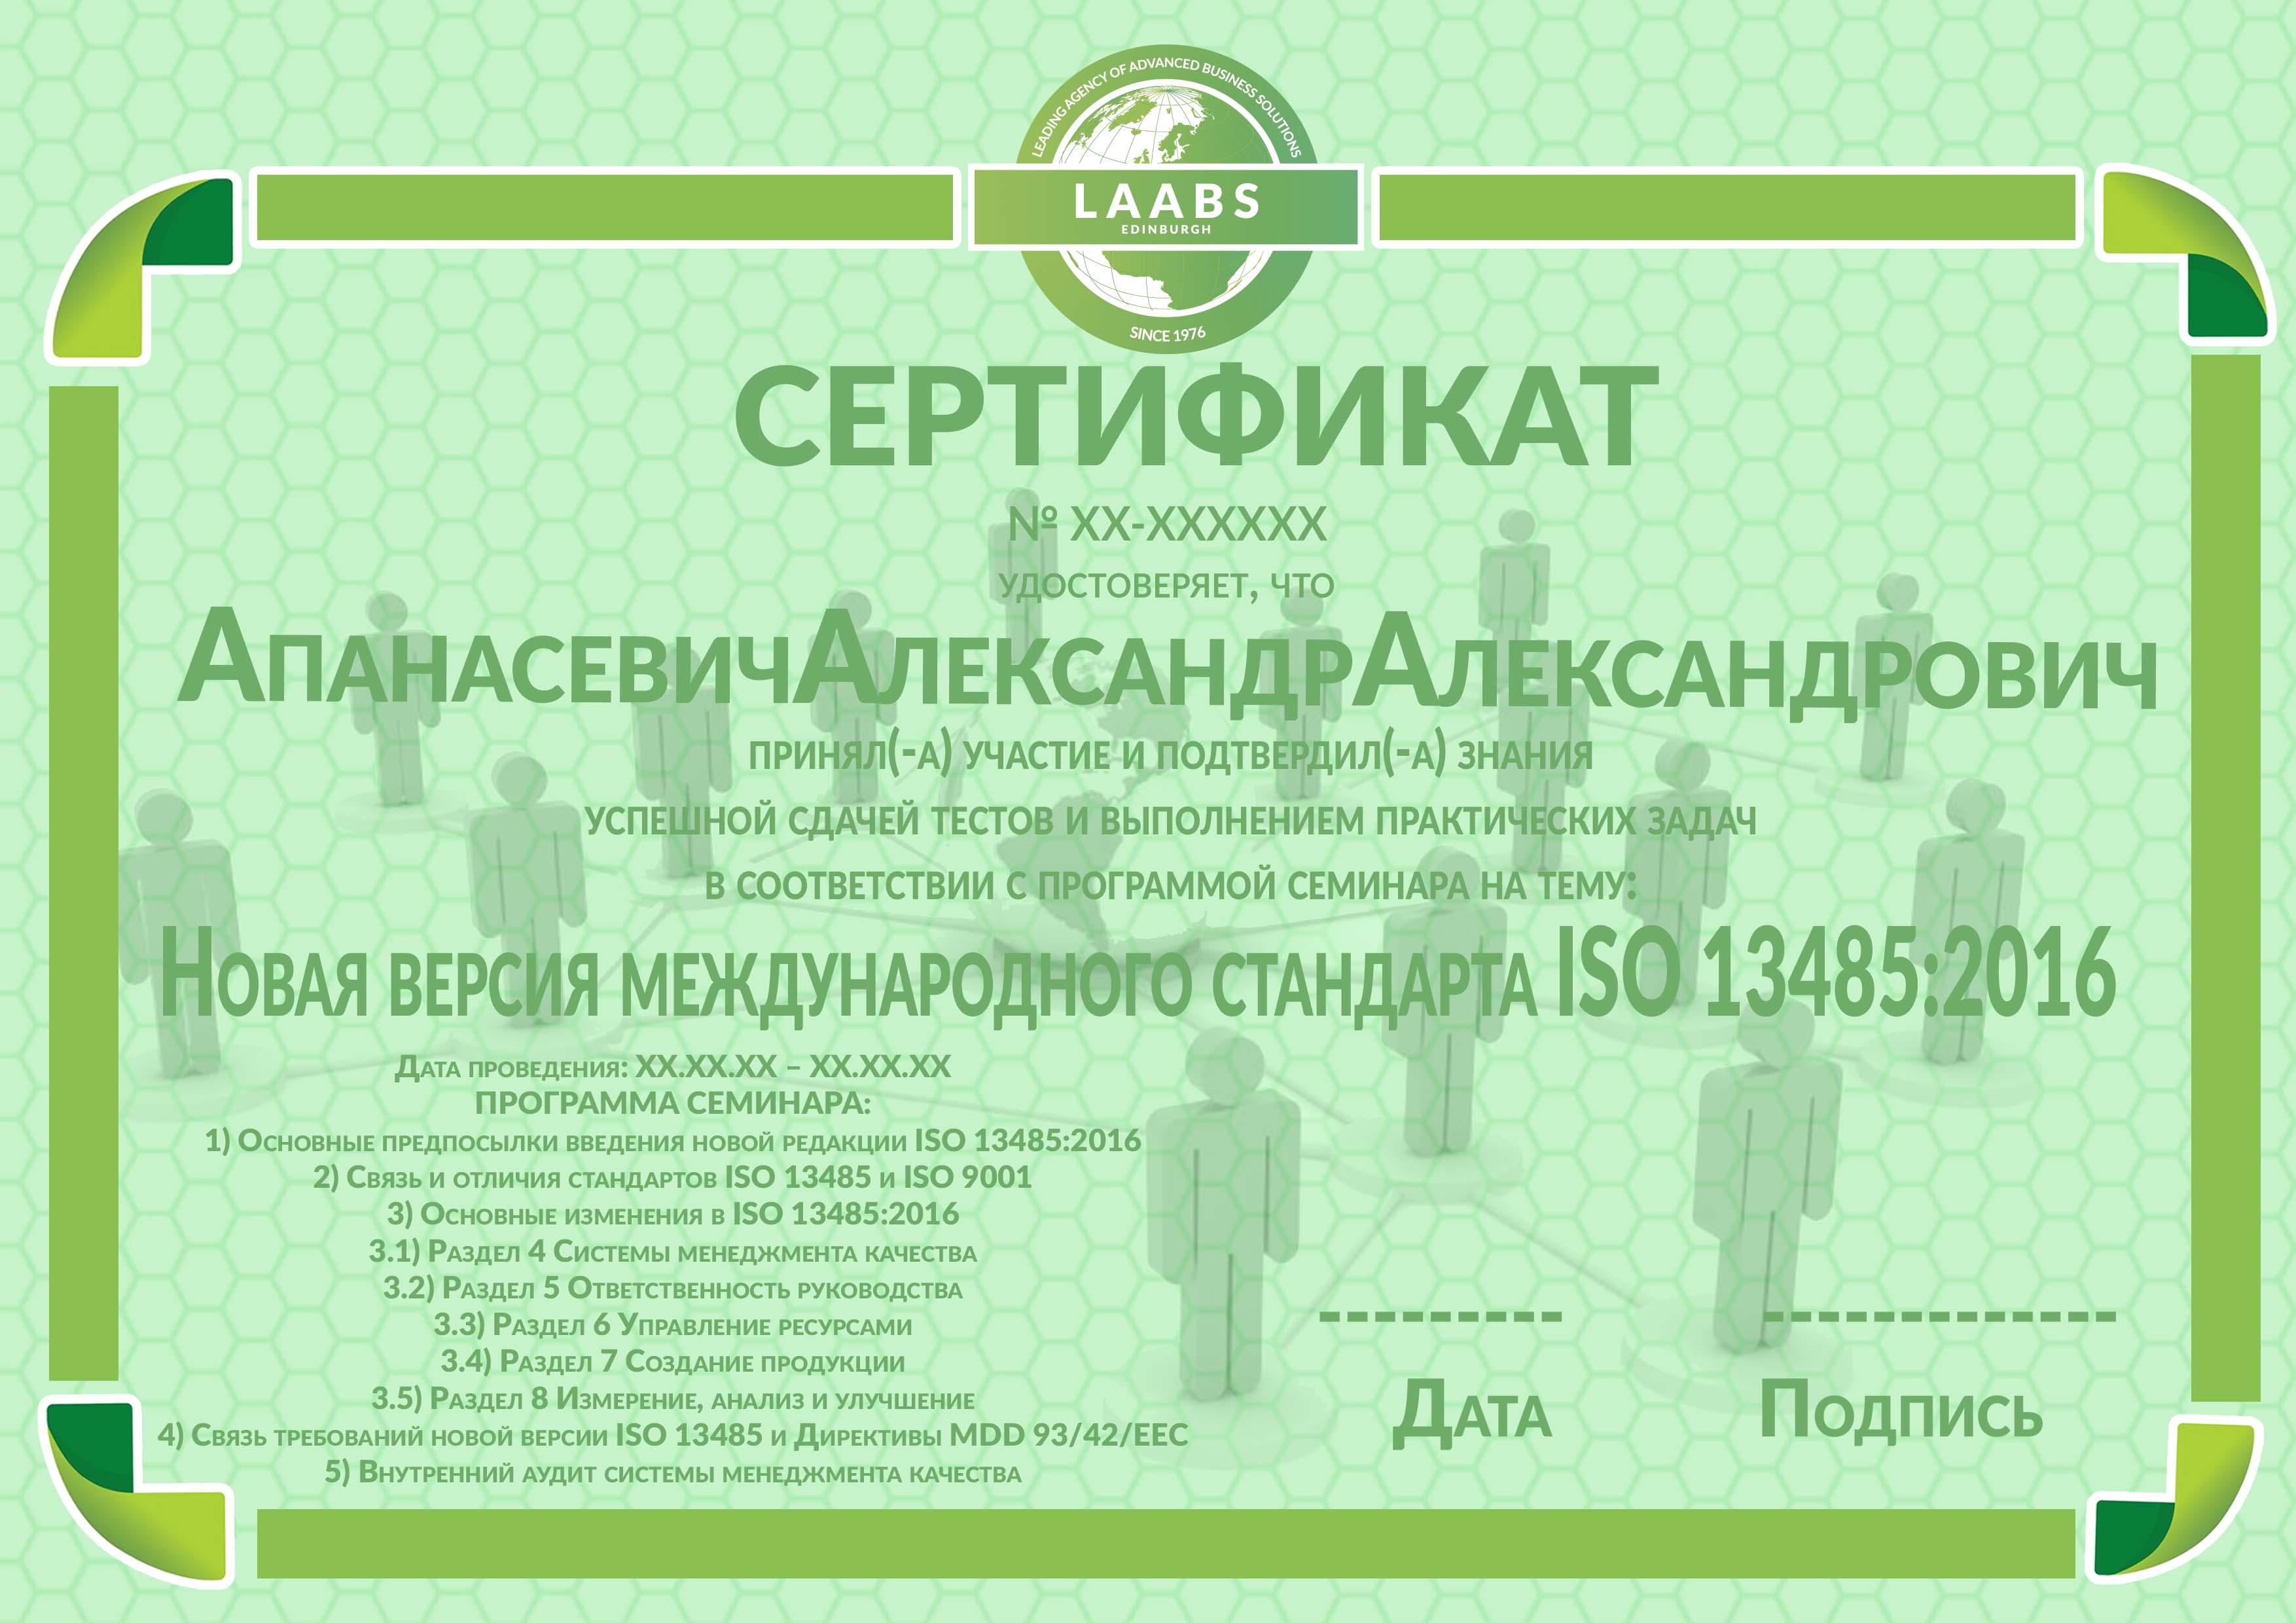 Необходимо разработать дизайн 3 сертификатов фото f_0235887af57cd09e.jpg